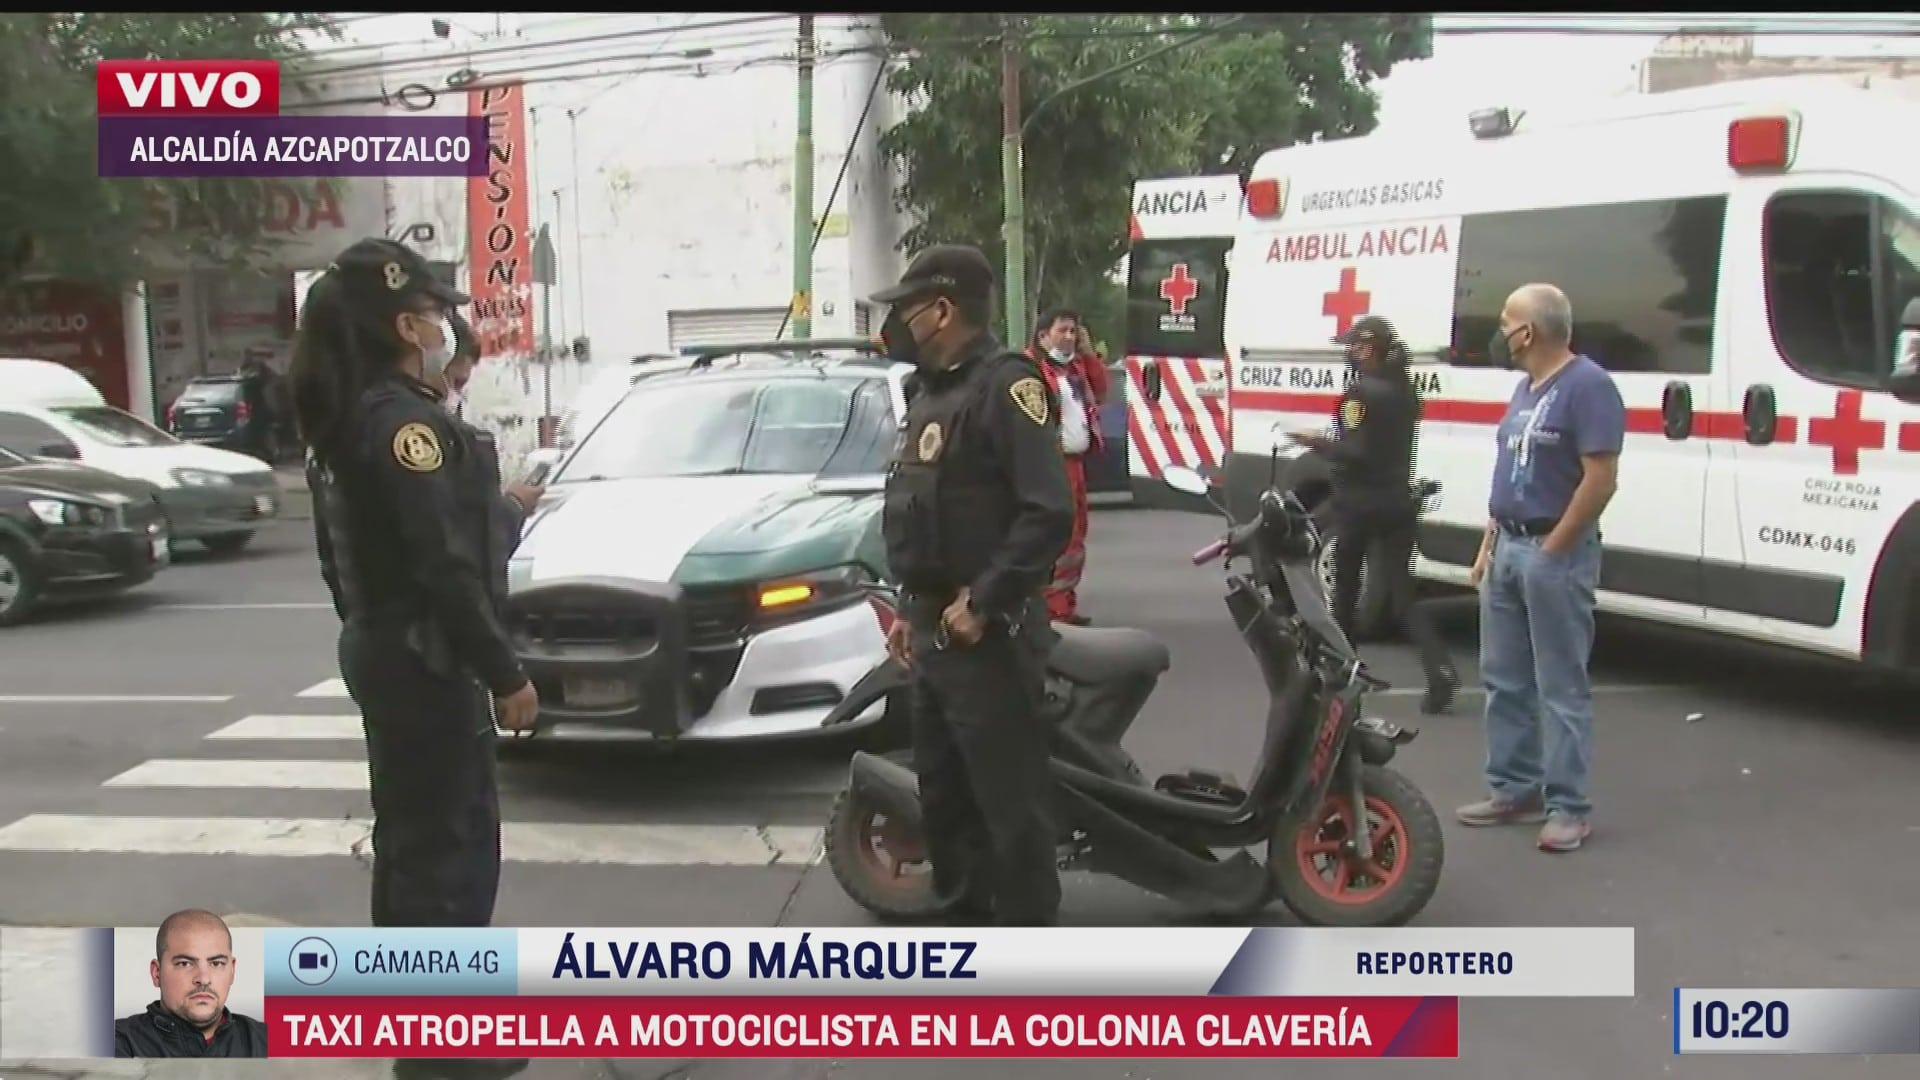 taxi atropella a dos motociclistas en azcapotzalco